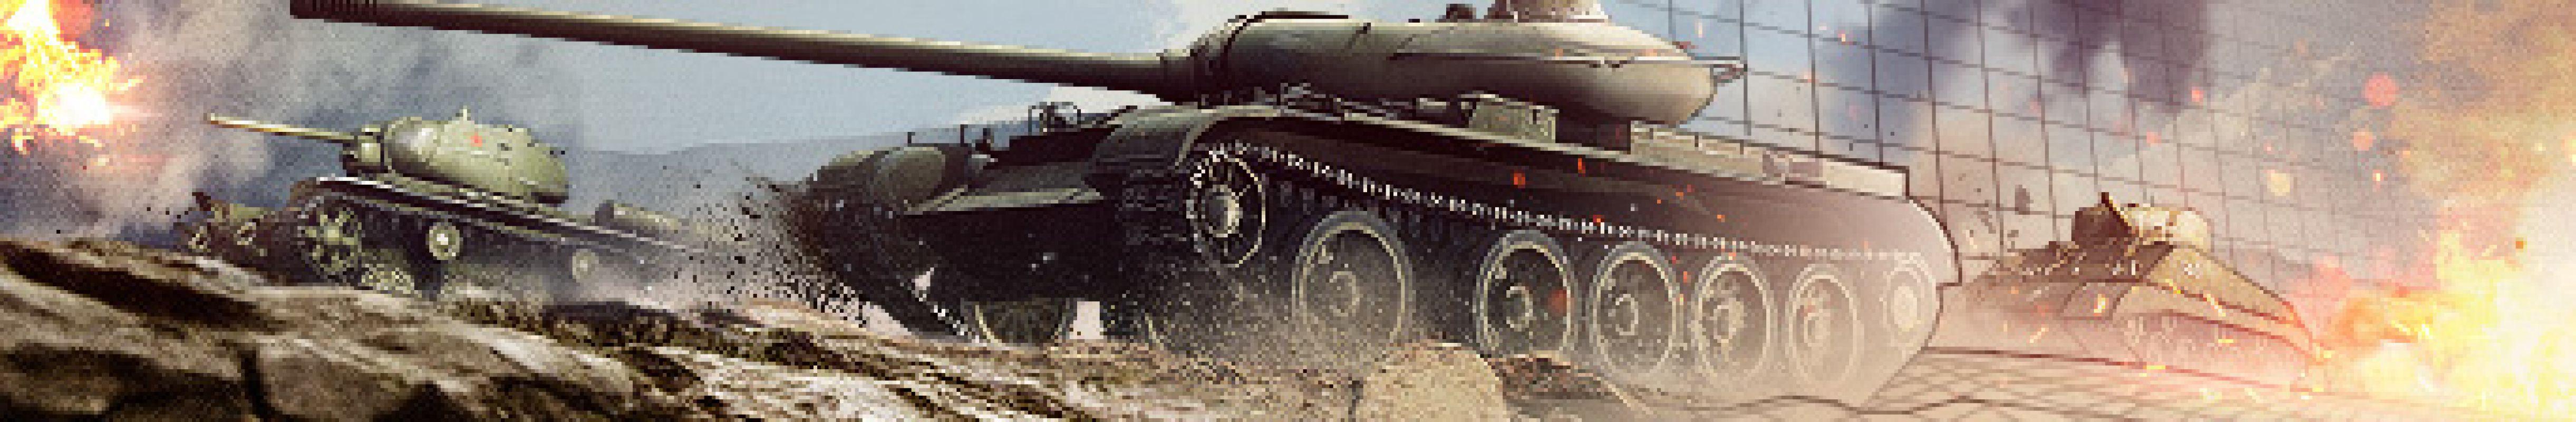 world of tanks скачать общий тест